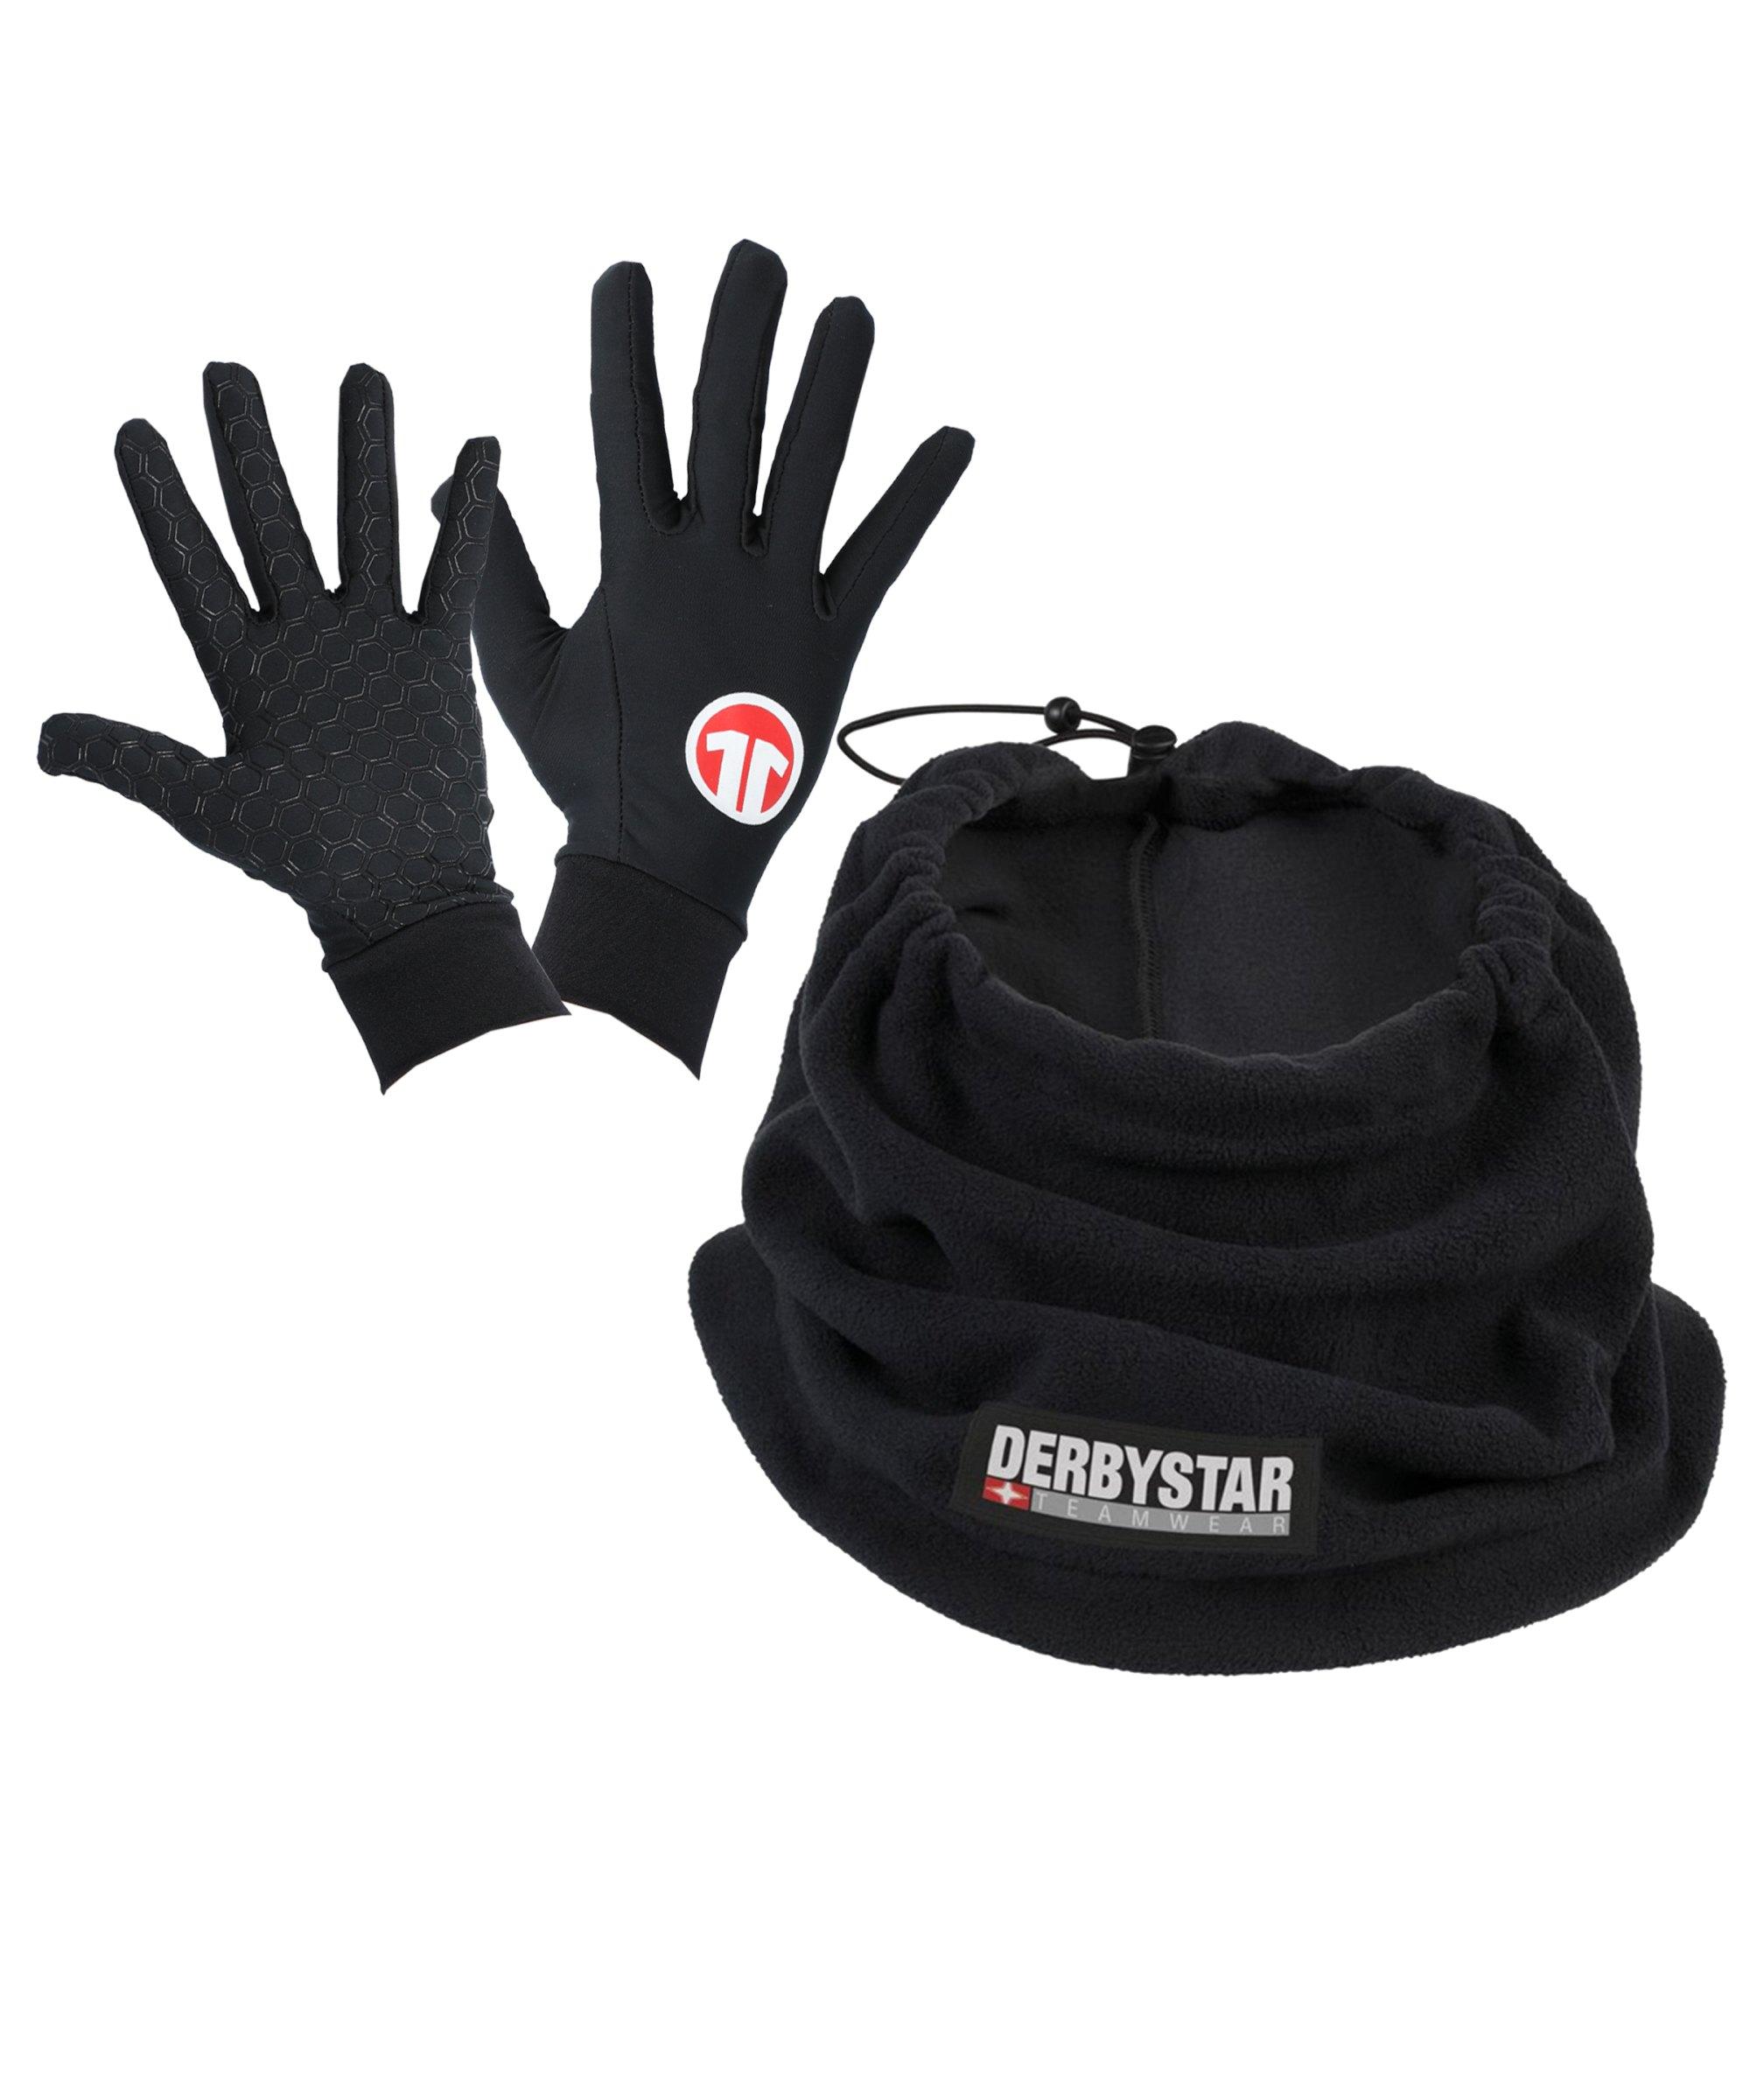 Derbystar 2er Winter Set Handschuh + Neckwarmer Schwarz - schwarz